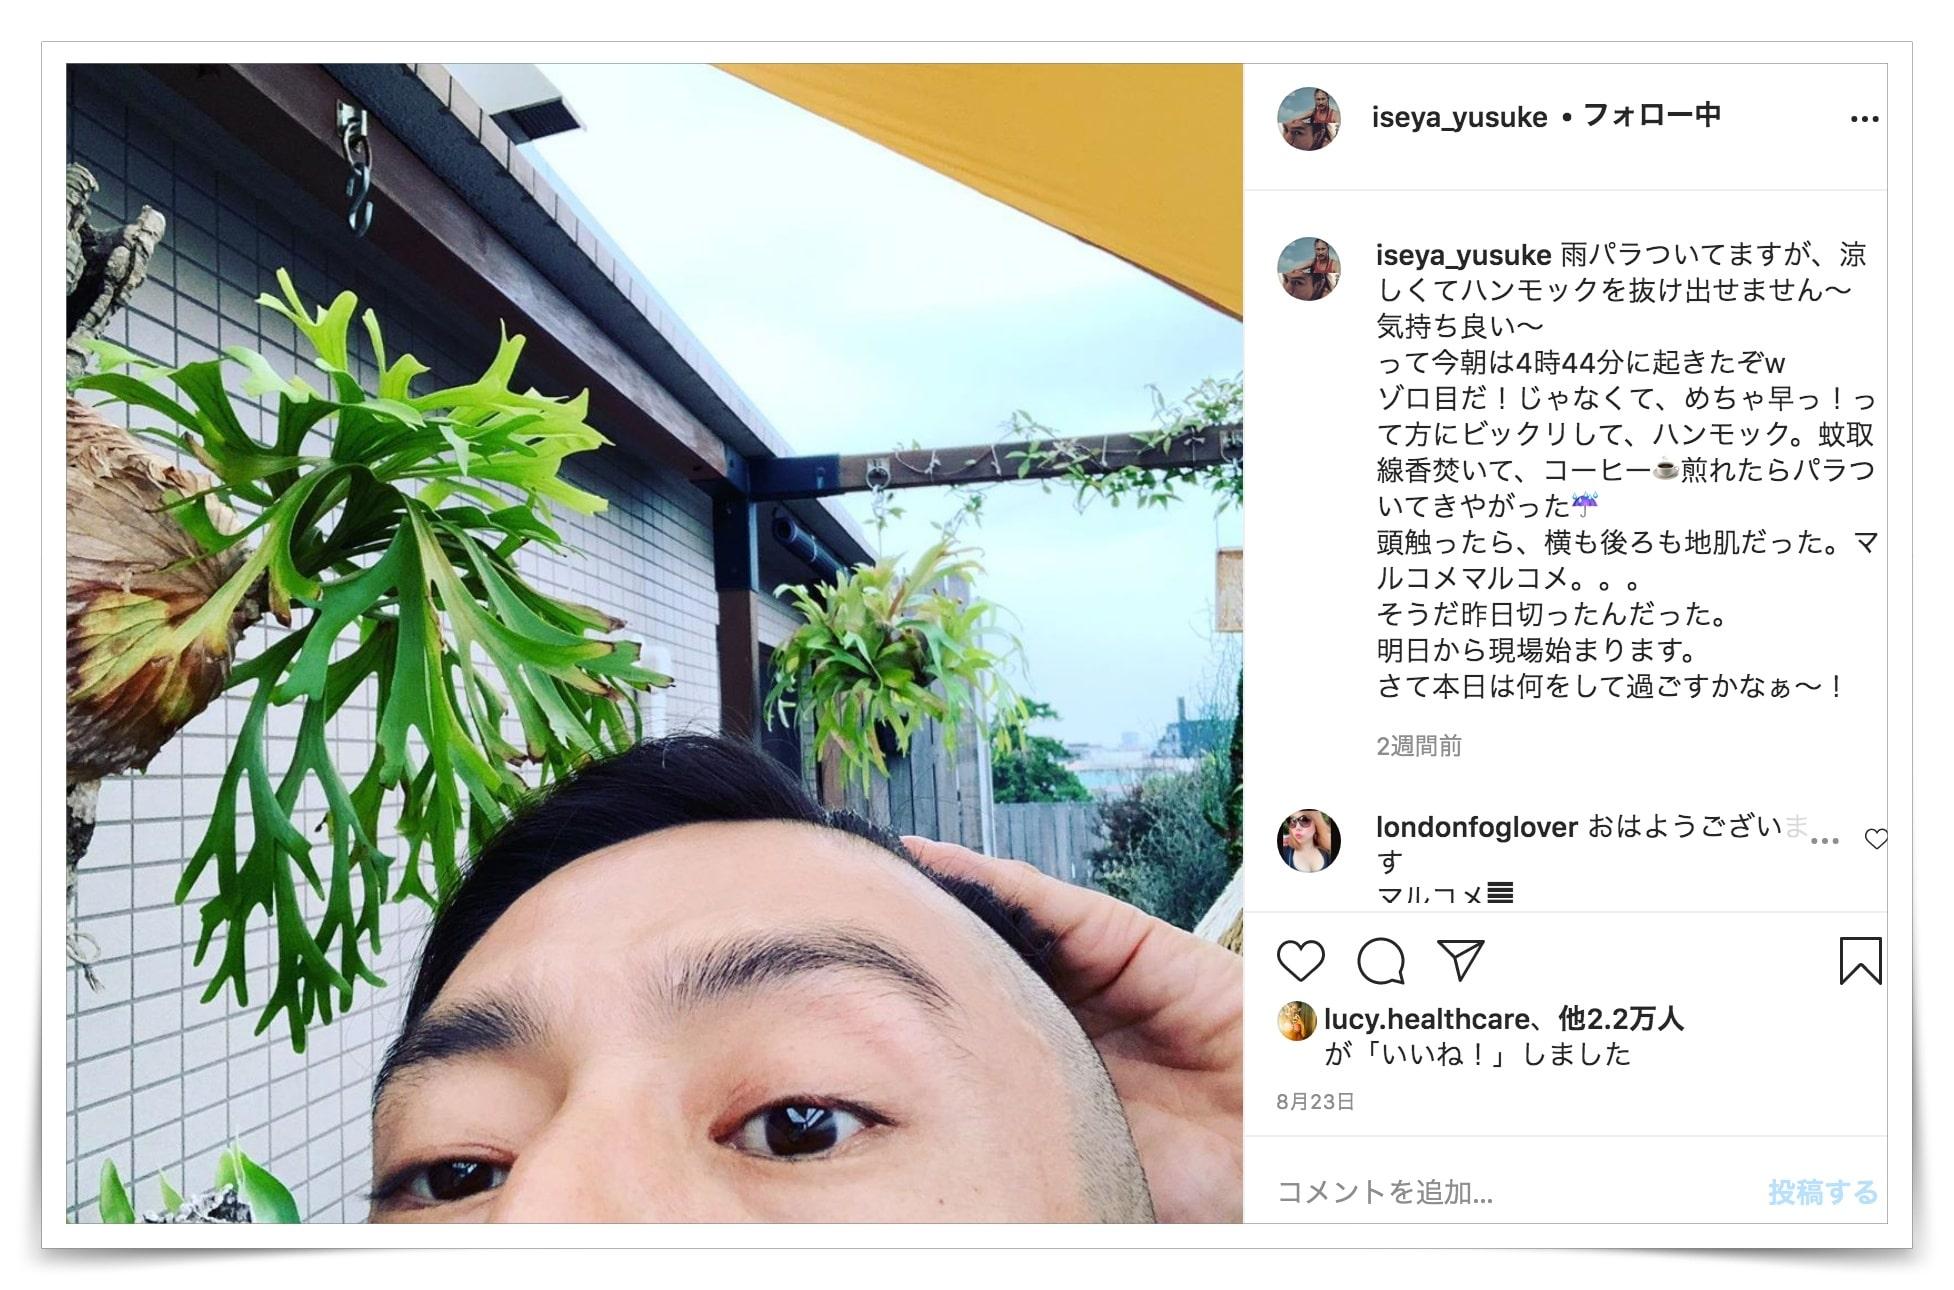 伊勢谷友介の栽培のインスタ画像